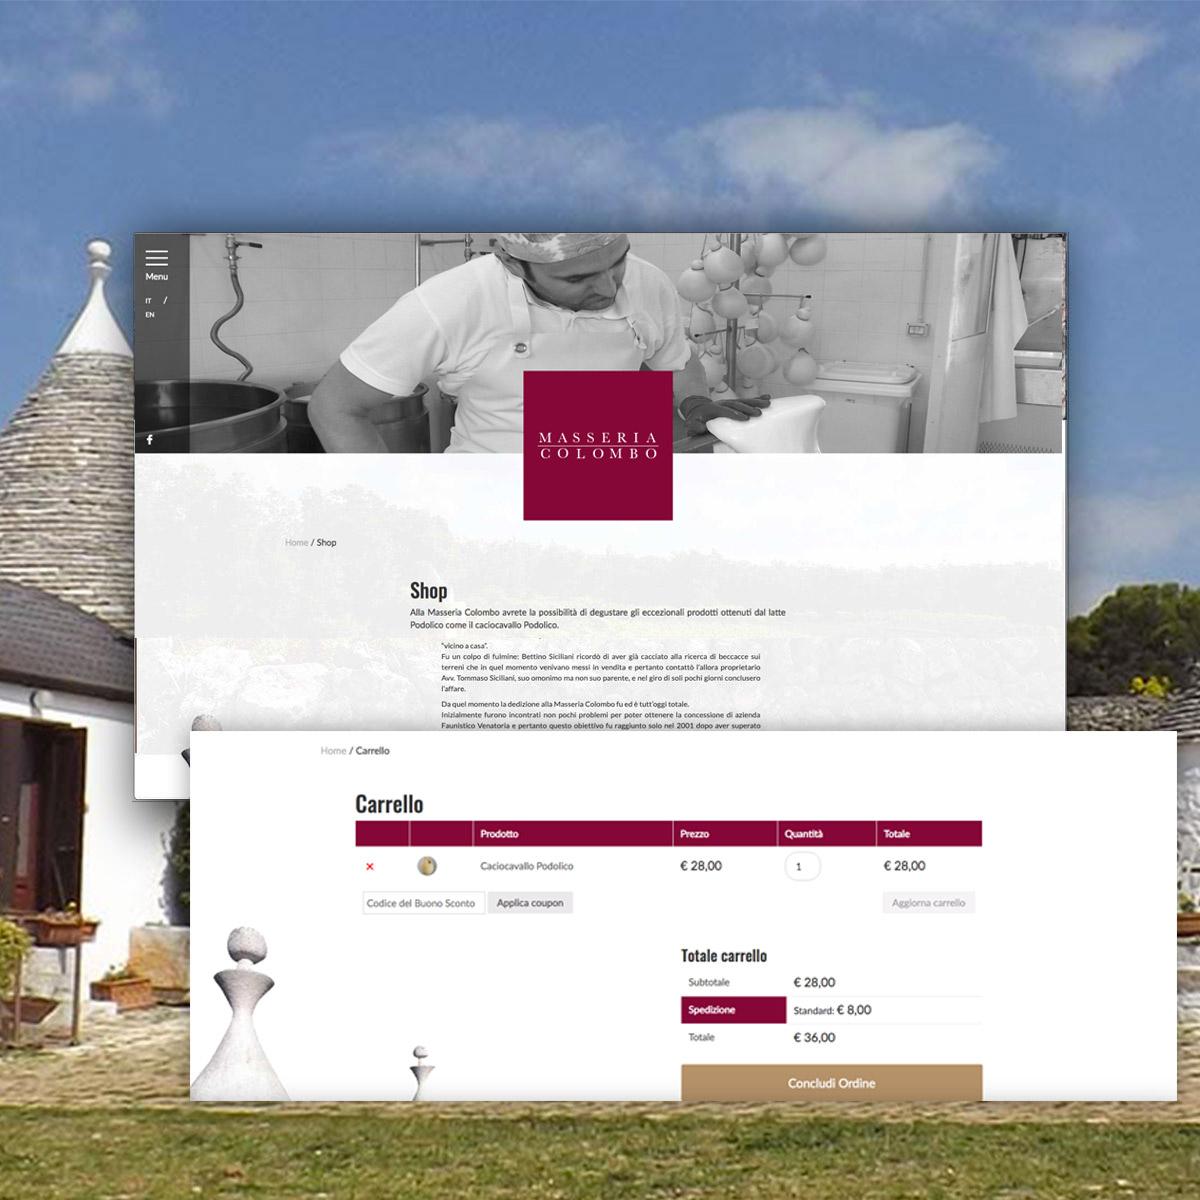 Masseria Colombo sito web